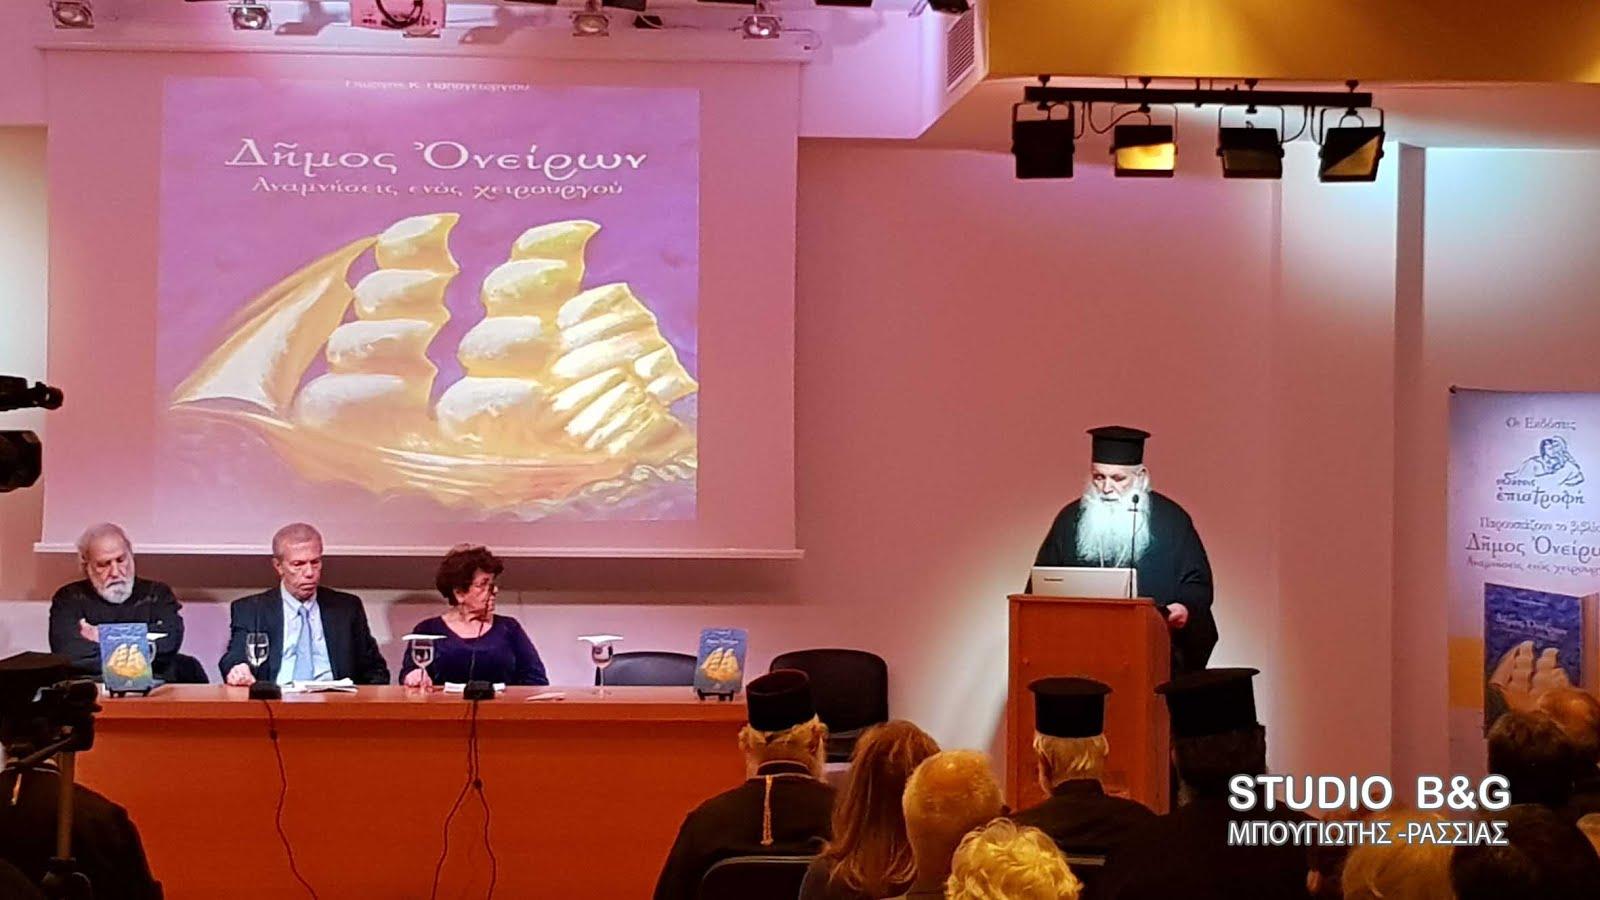 """Παρουσίαση βιβλίου """"Δήμος Ονείρων"""" των εκδόσεων """"Επιστροφή""""."""